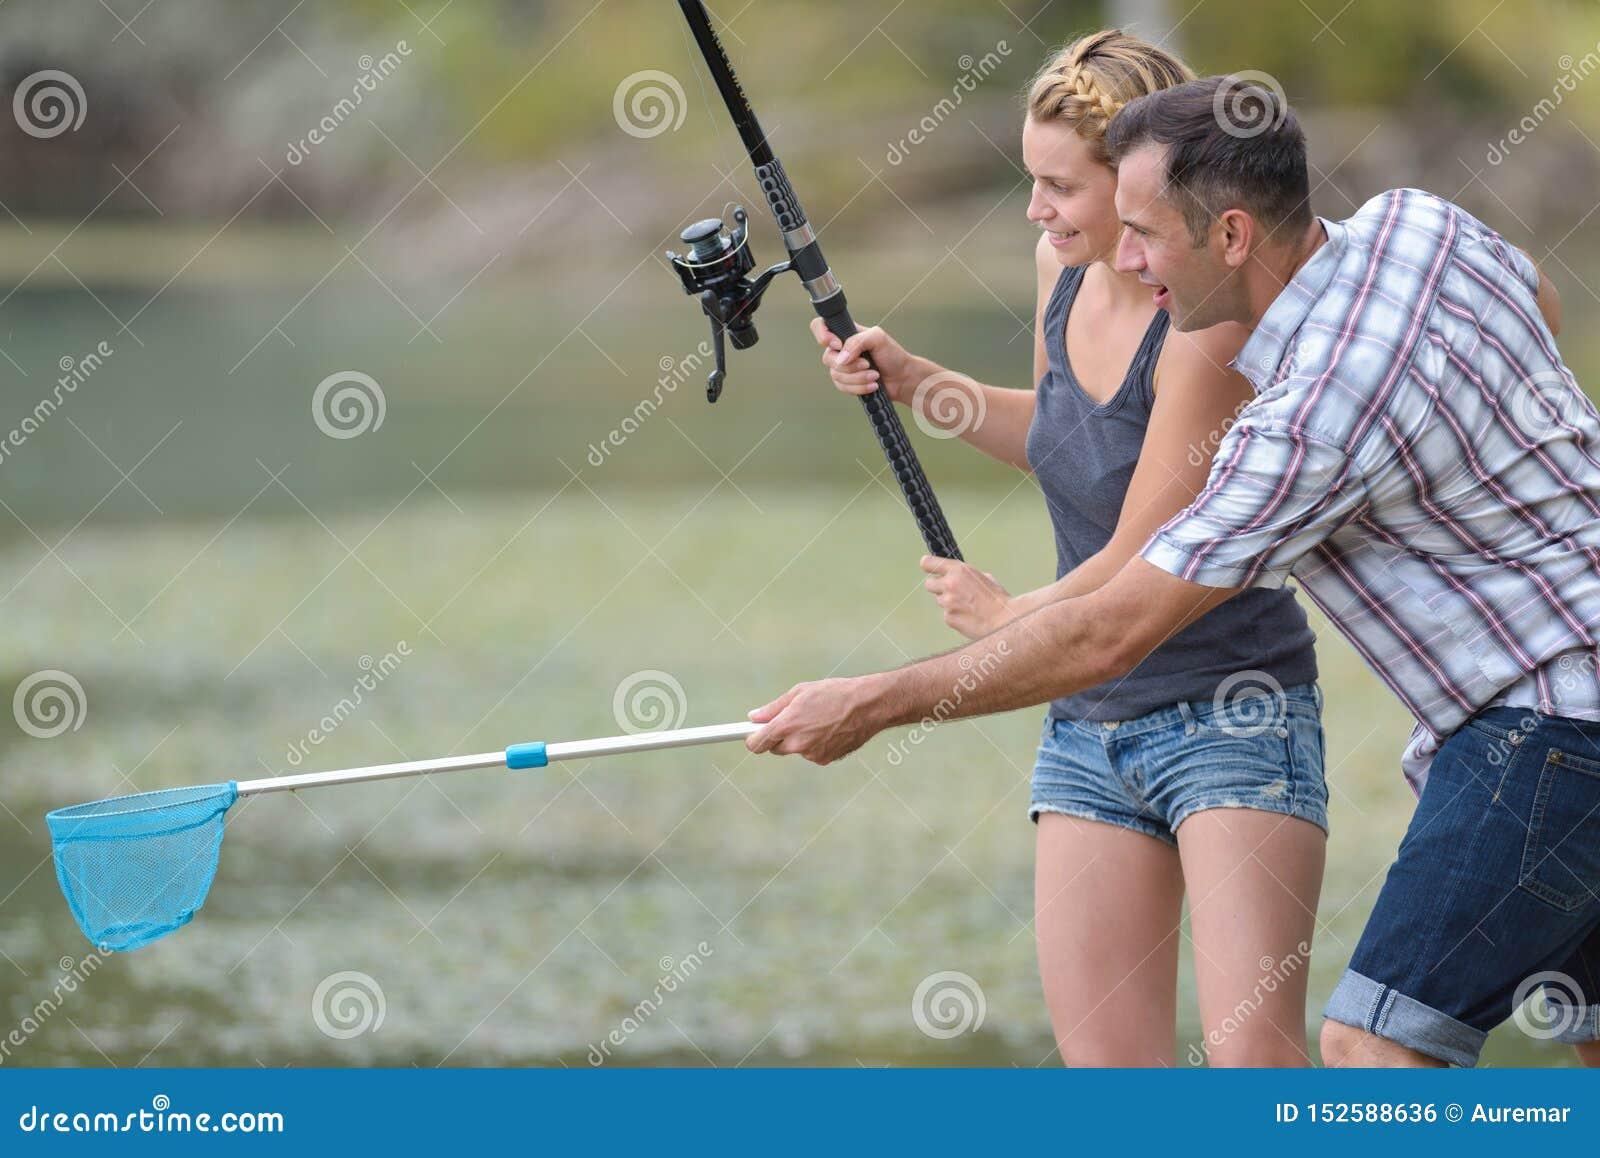 Hombre con la novia de la demostración de la caña de pescar cómo pescar